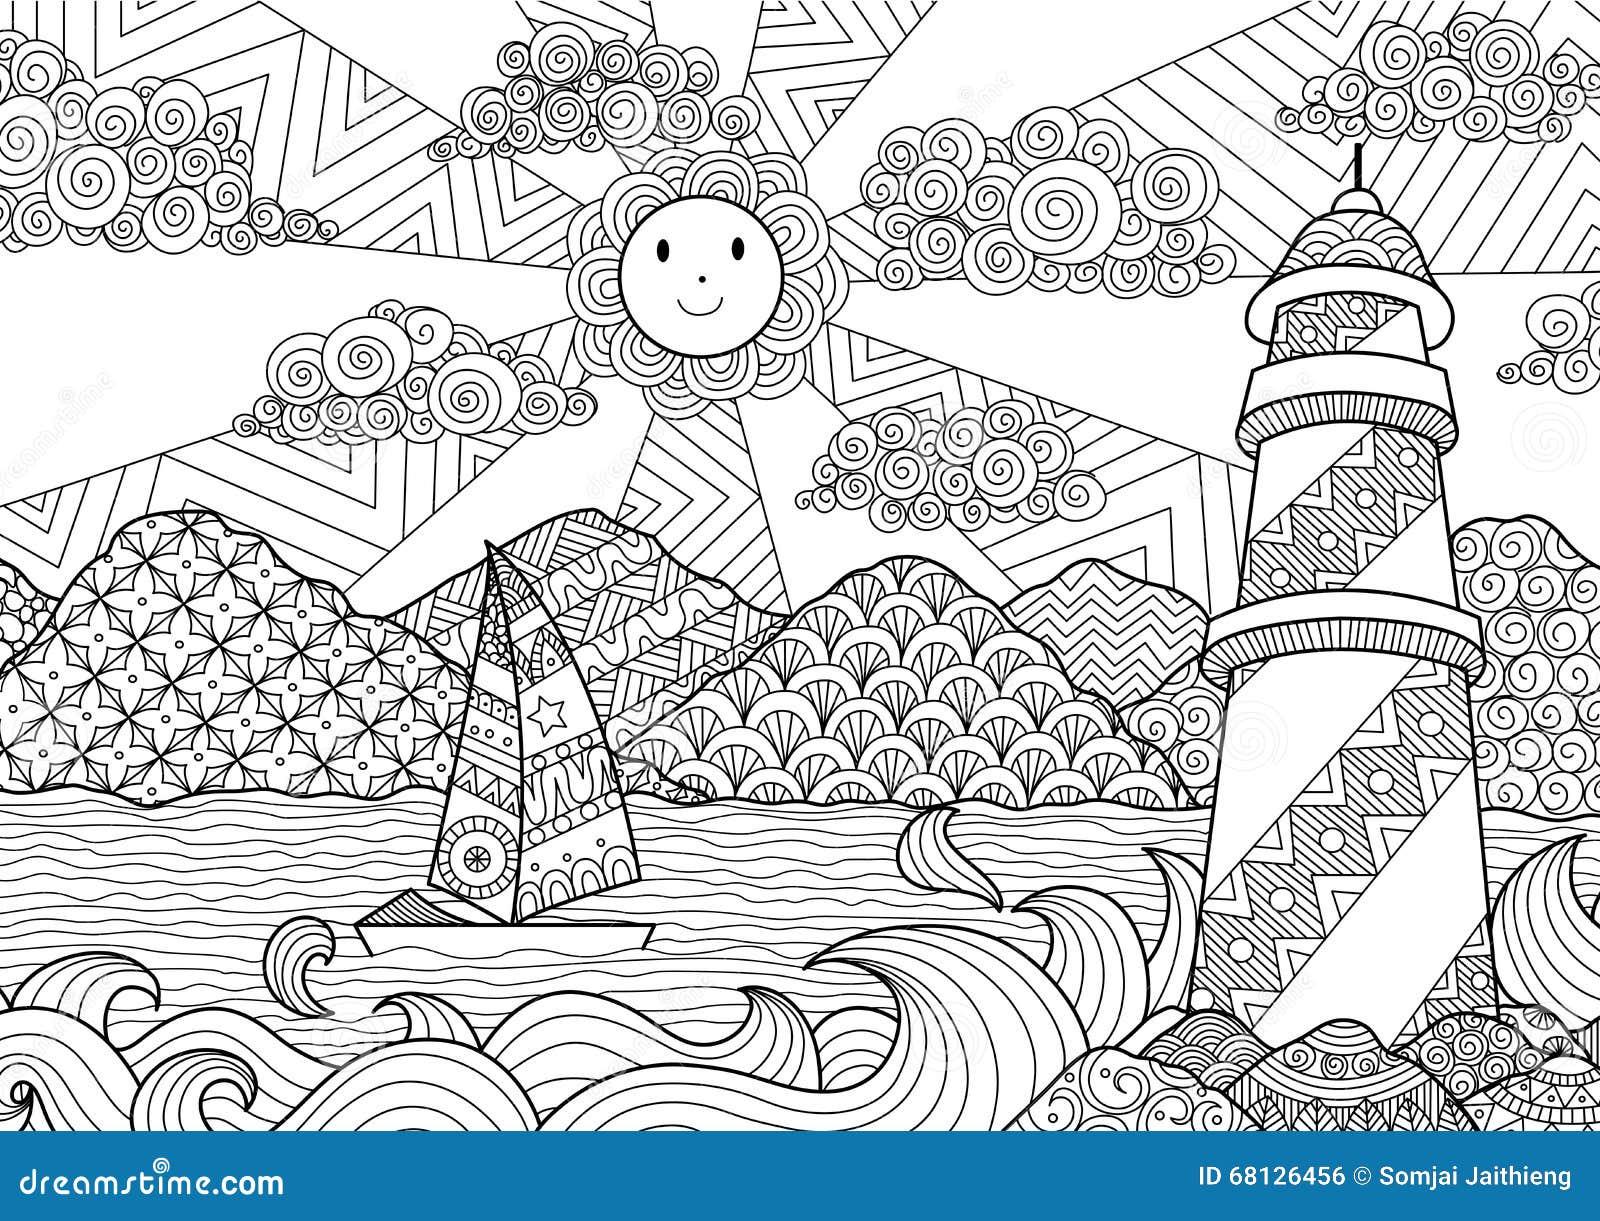 Paysage marin conception de schéma pour livre de coloriage pour l adulte anti coloration d effort actions